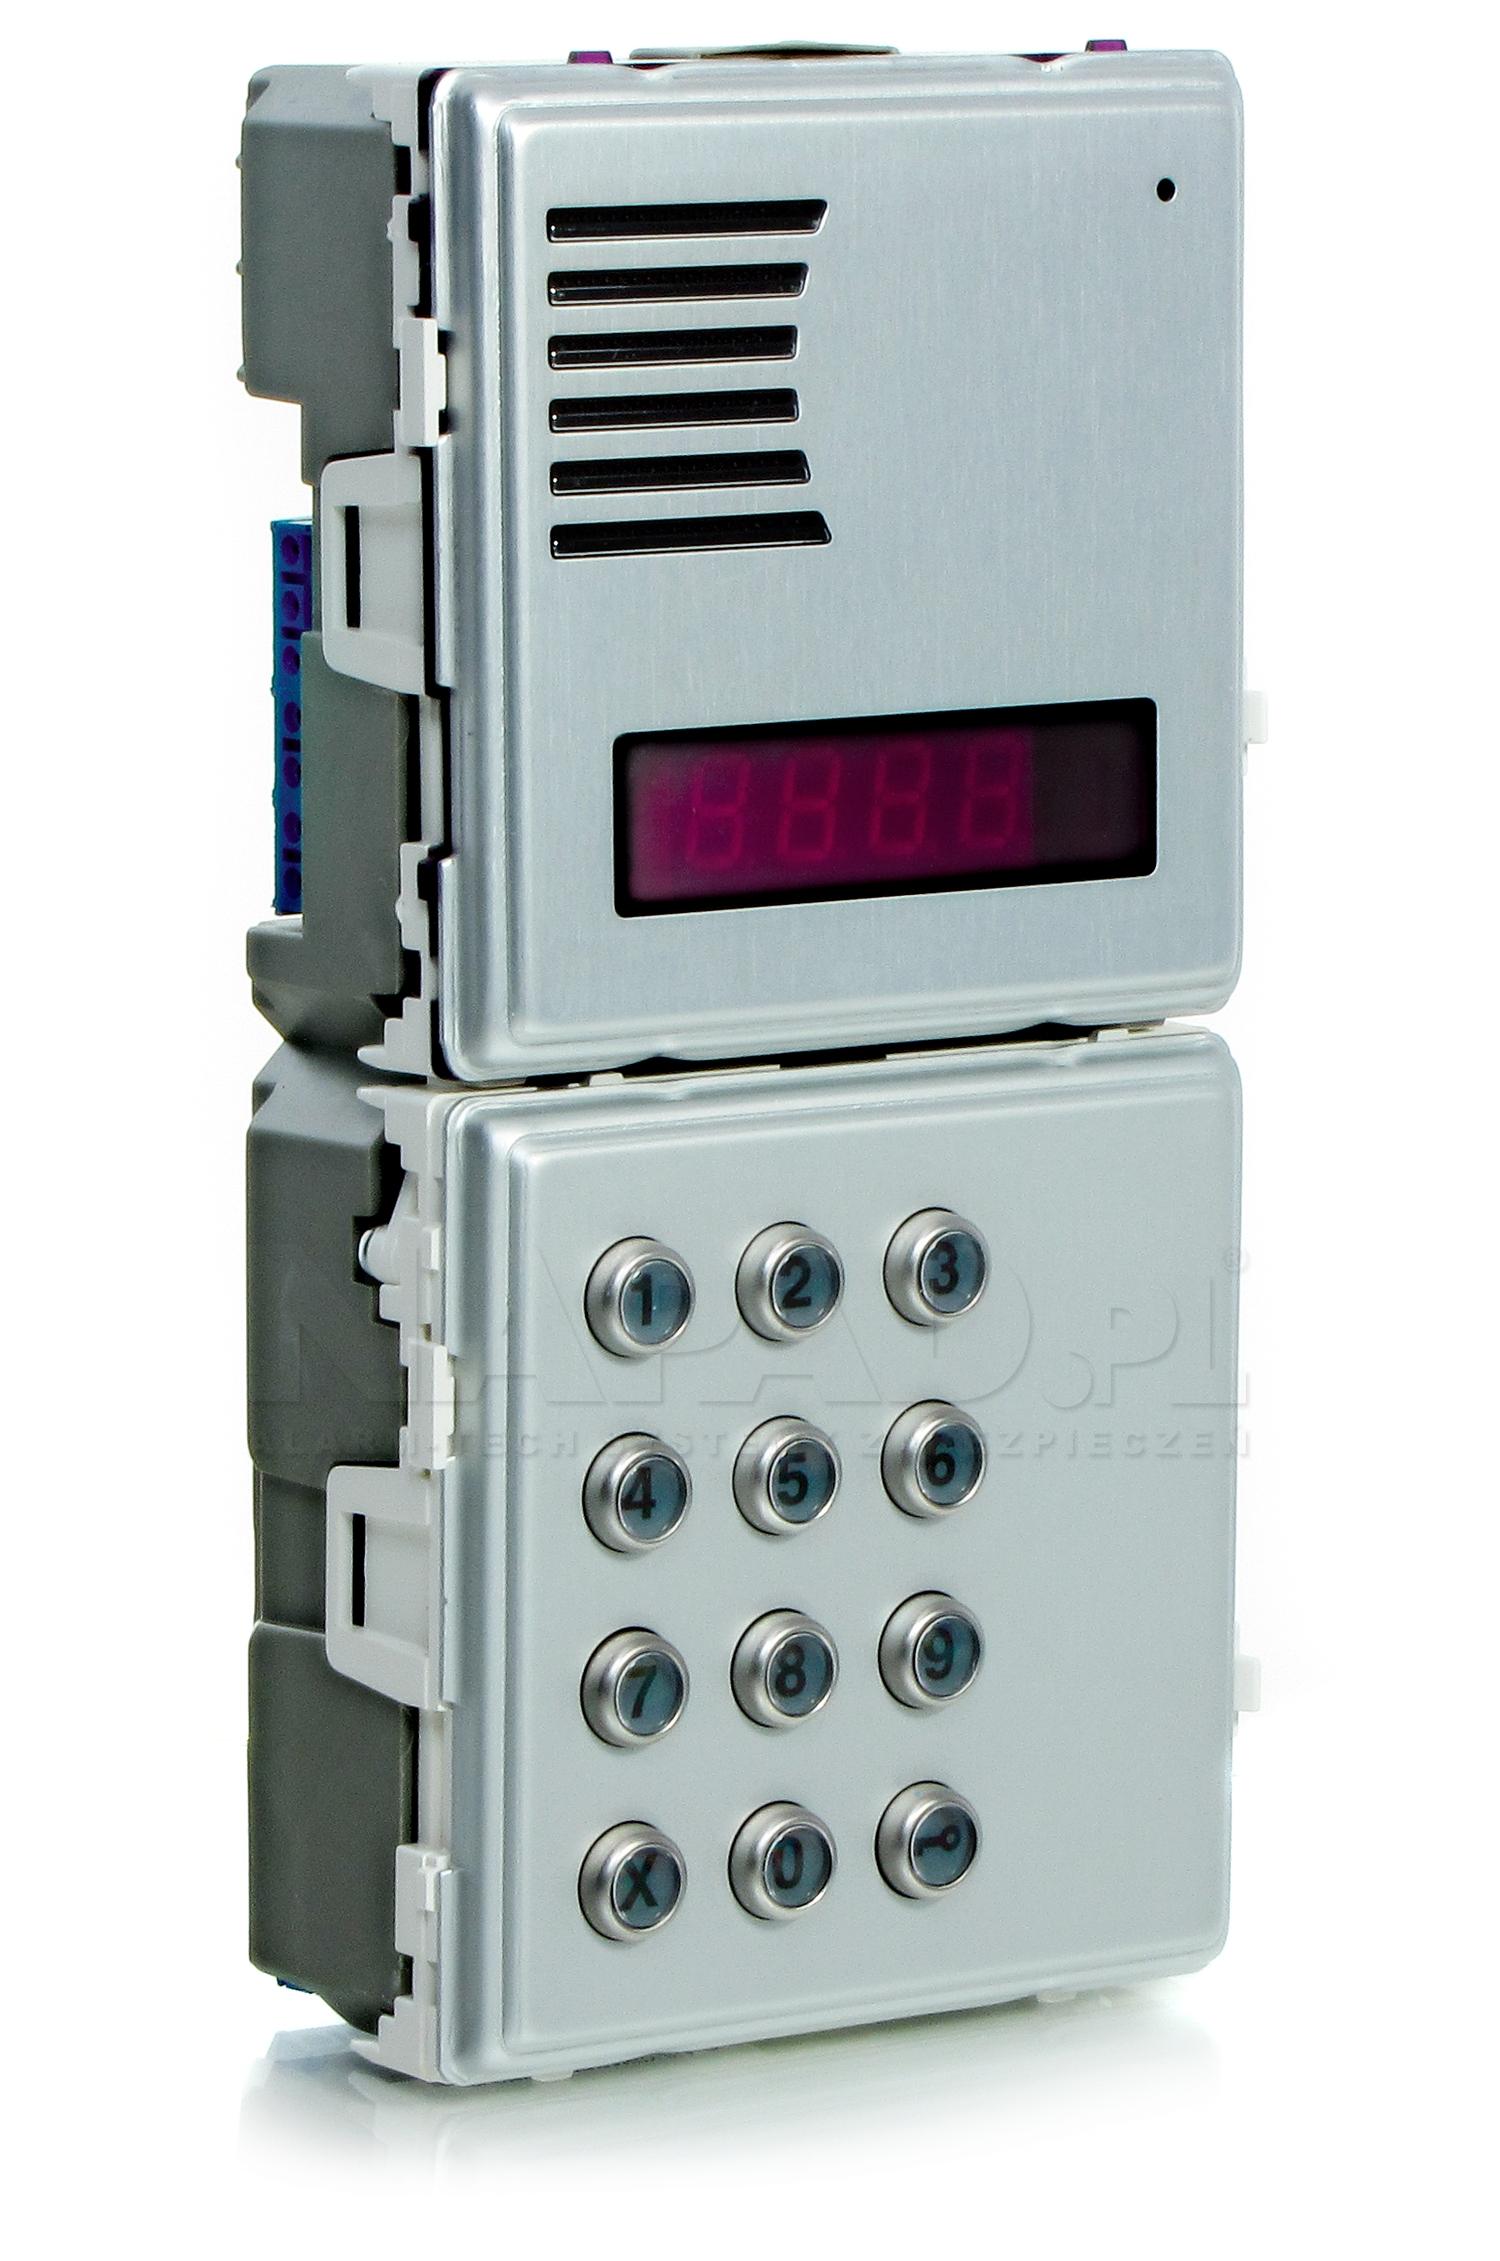 Panel z wyświetlaczem LED Matibus SE 1052/103 Sinthesi